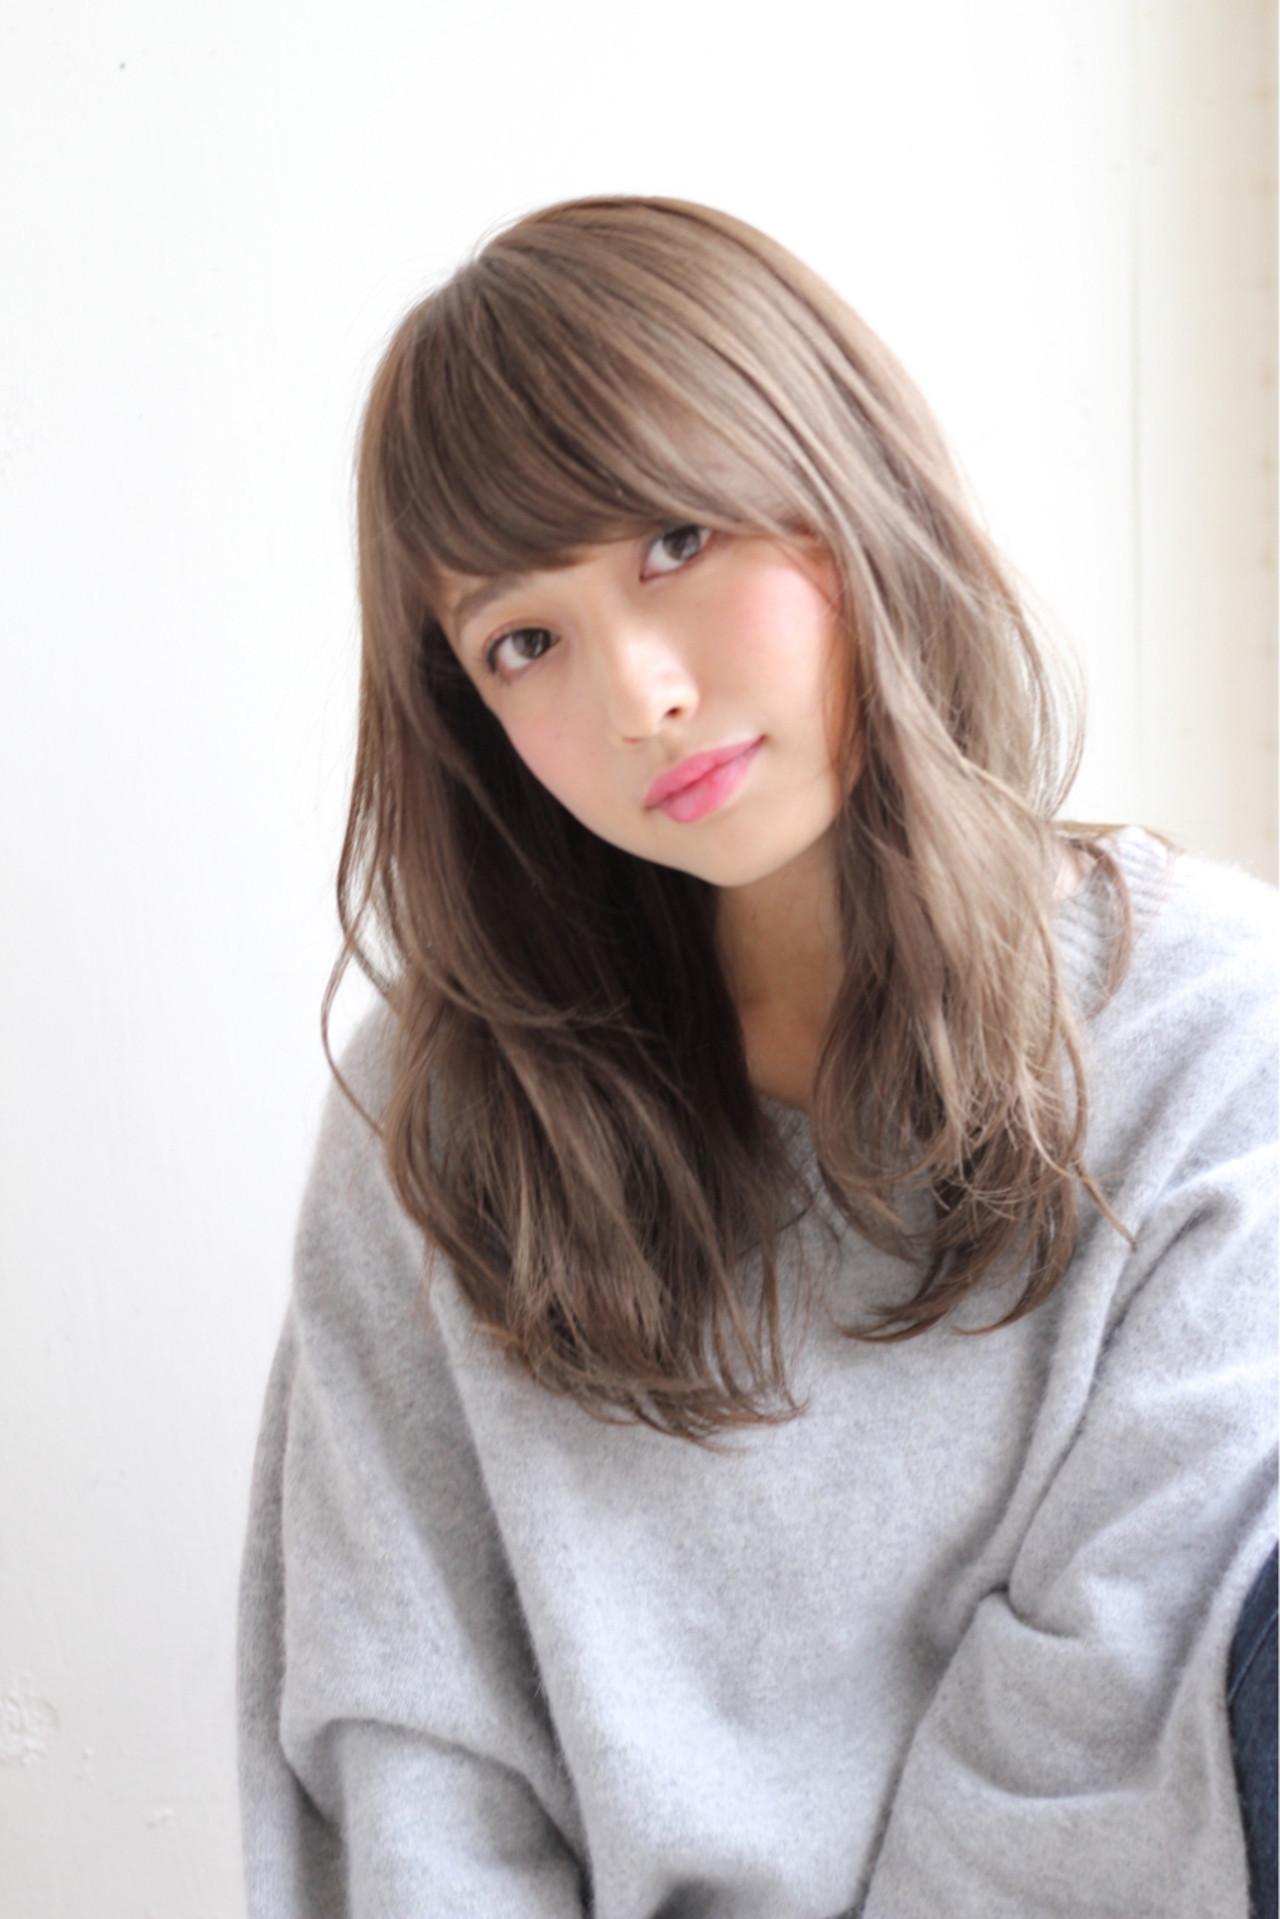 ゆるふわパーマが優しげな優しいお姉さんスタイル  田塚 裕志 GARDEN omotesando